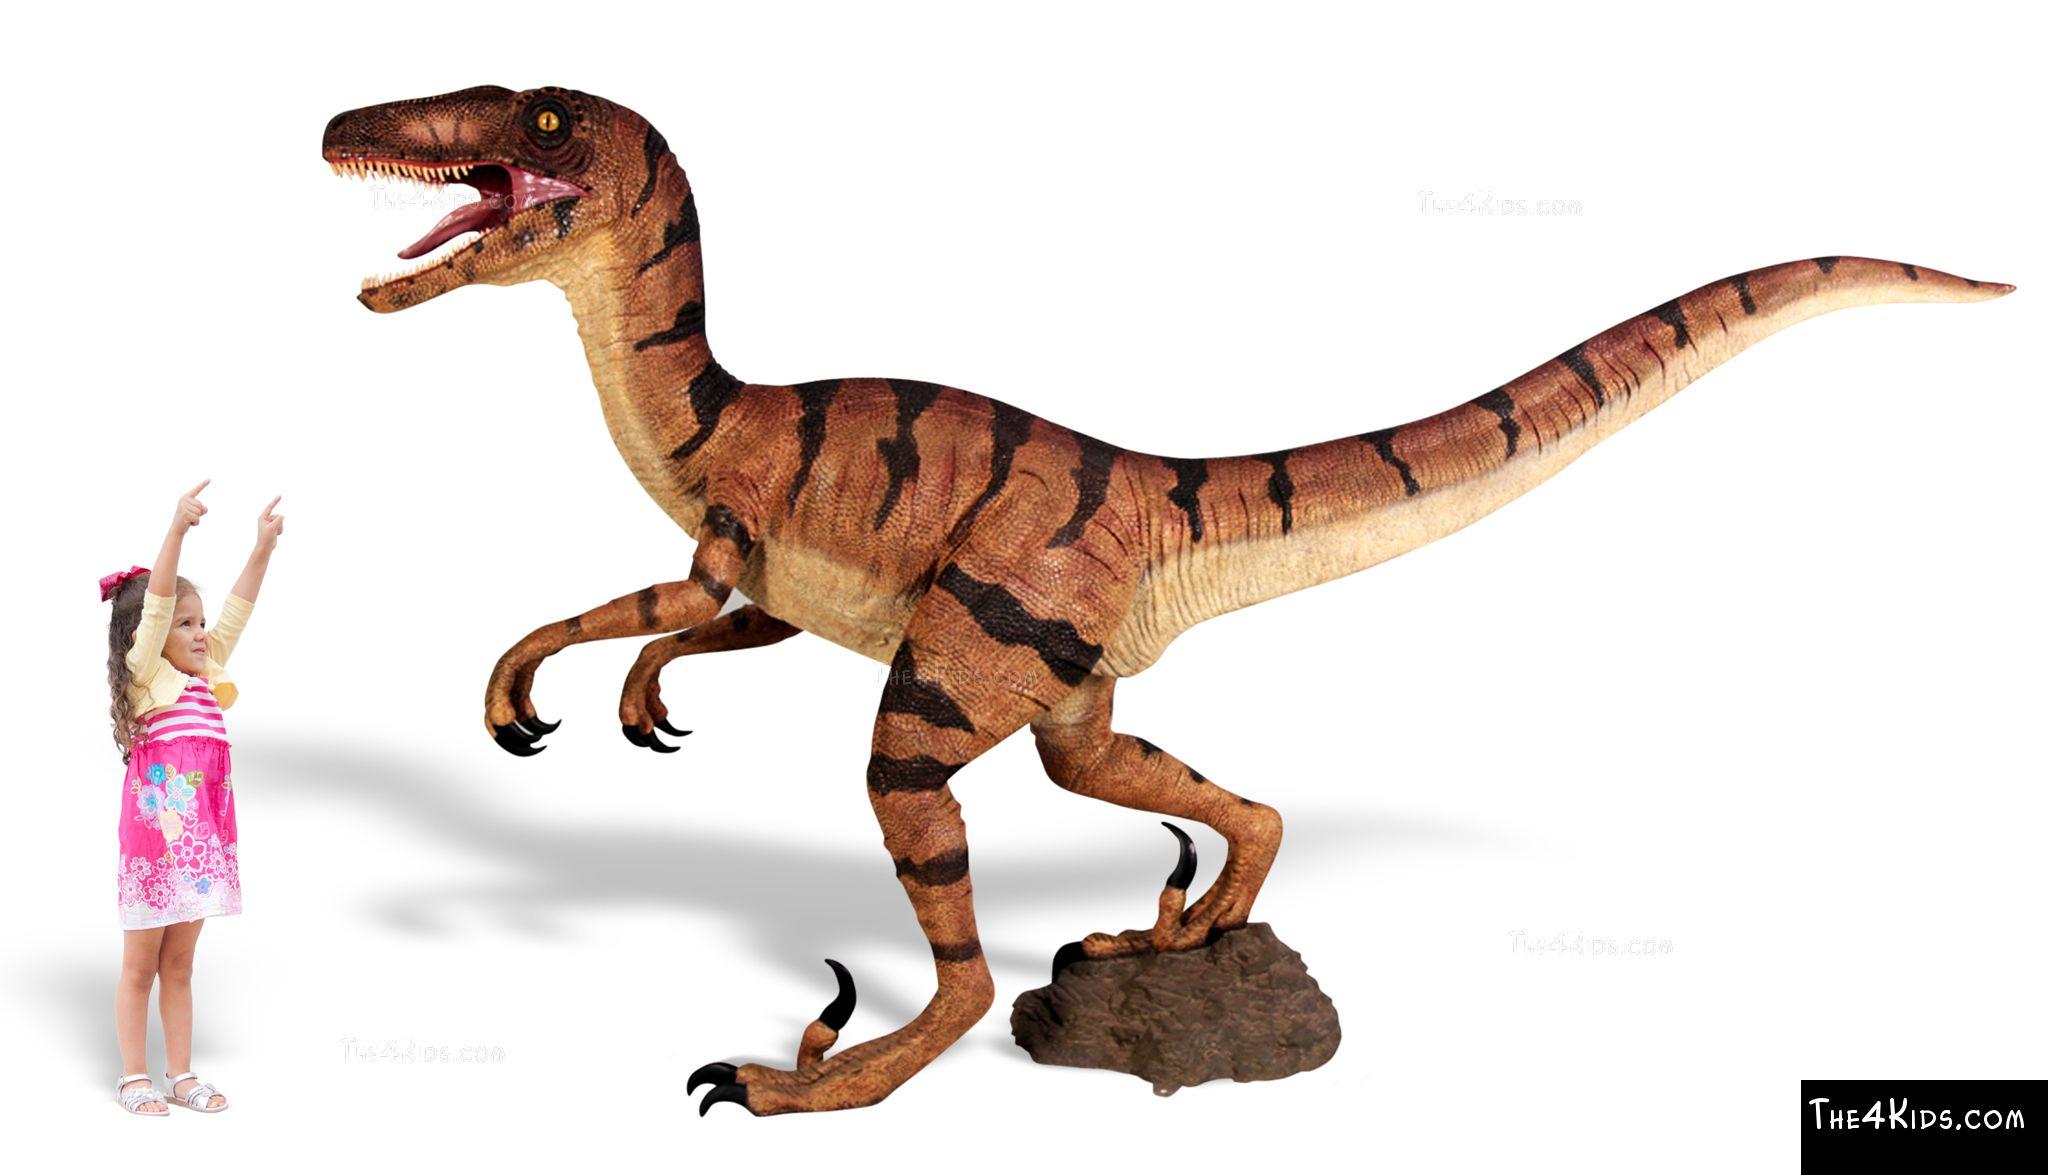 Velociraptor Sculpture - The 4 Kids